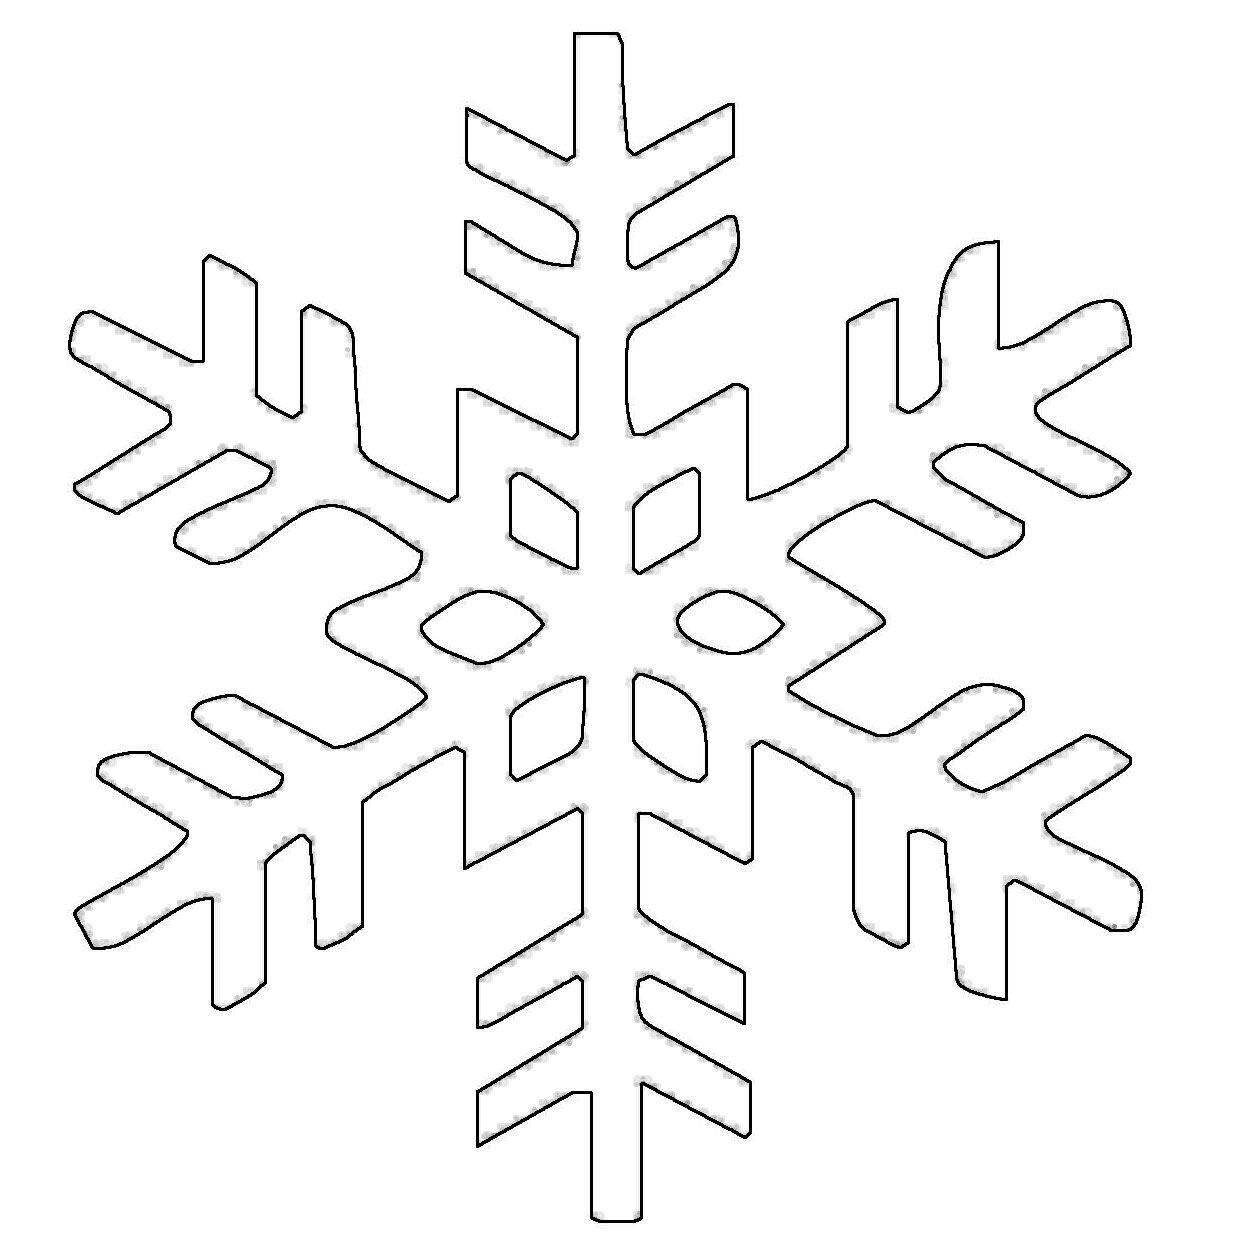 kostenlose malvorlage schneeflocken und sterne schneeflocke 8 zum ausmalen. Black Bedroom Furniture Sets. Home Design Ideas